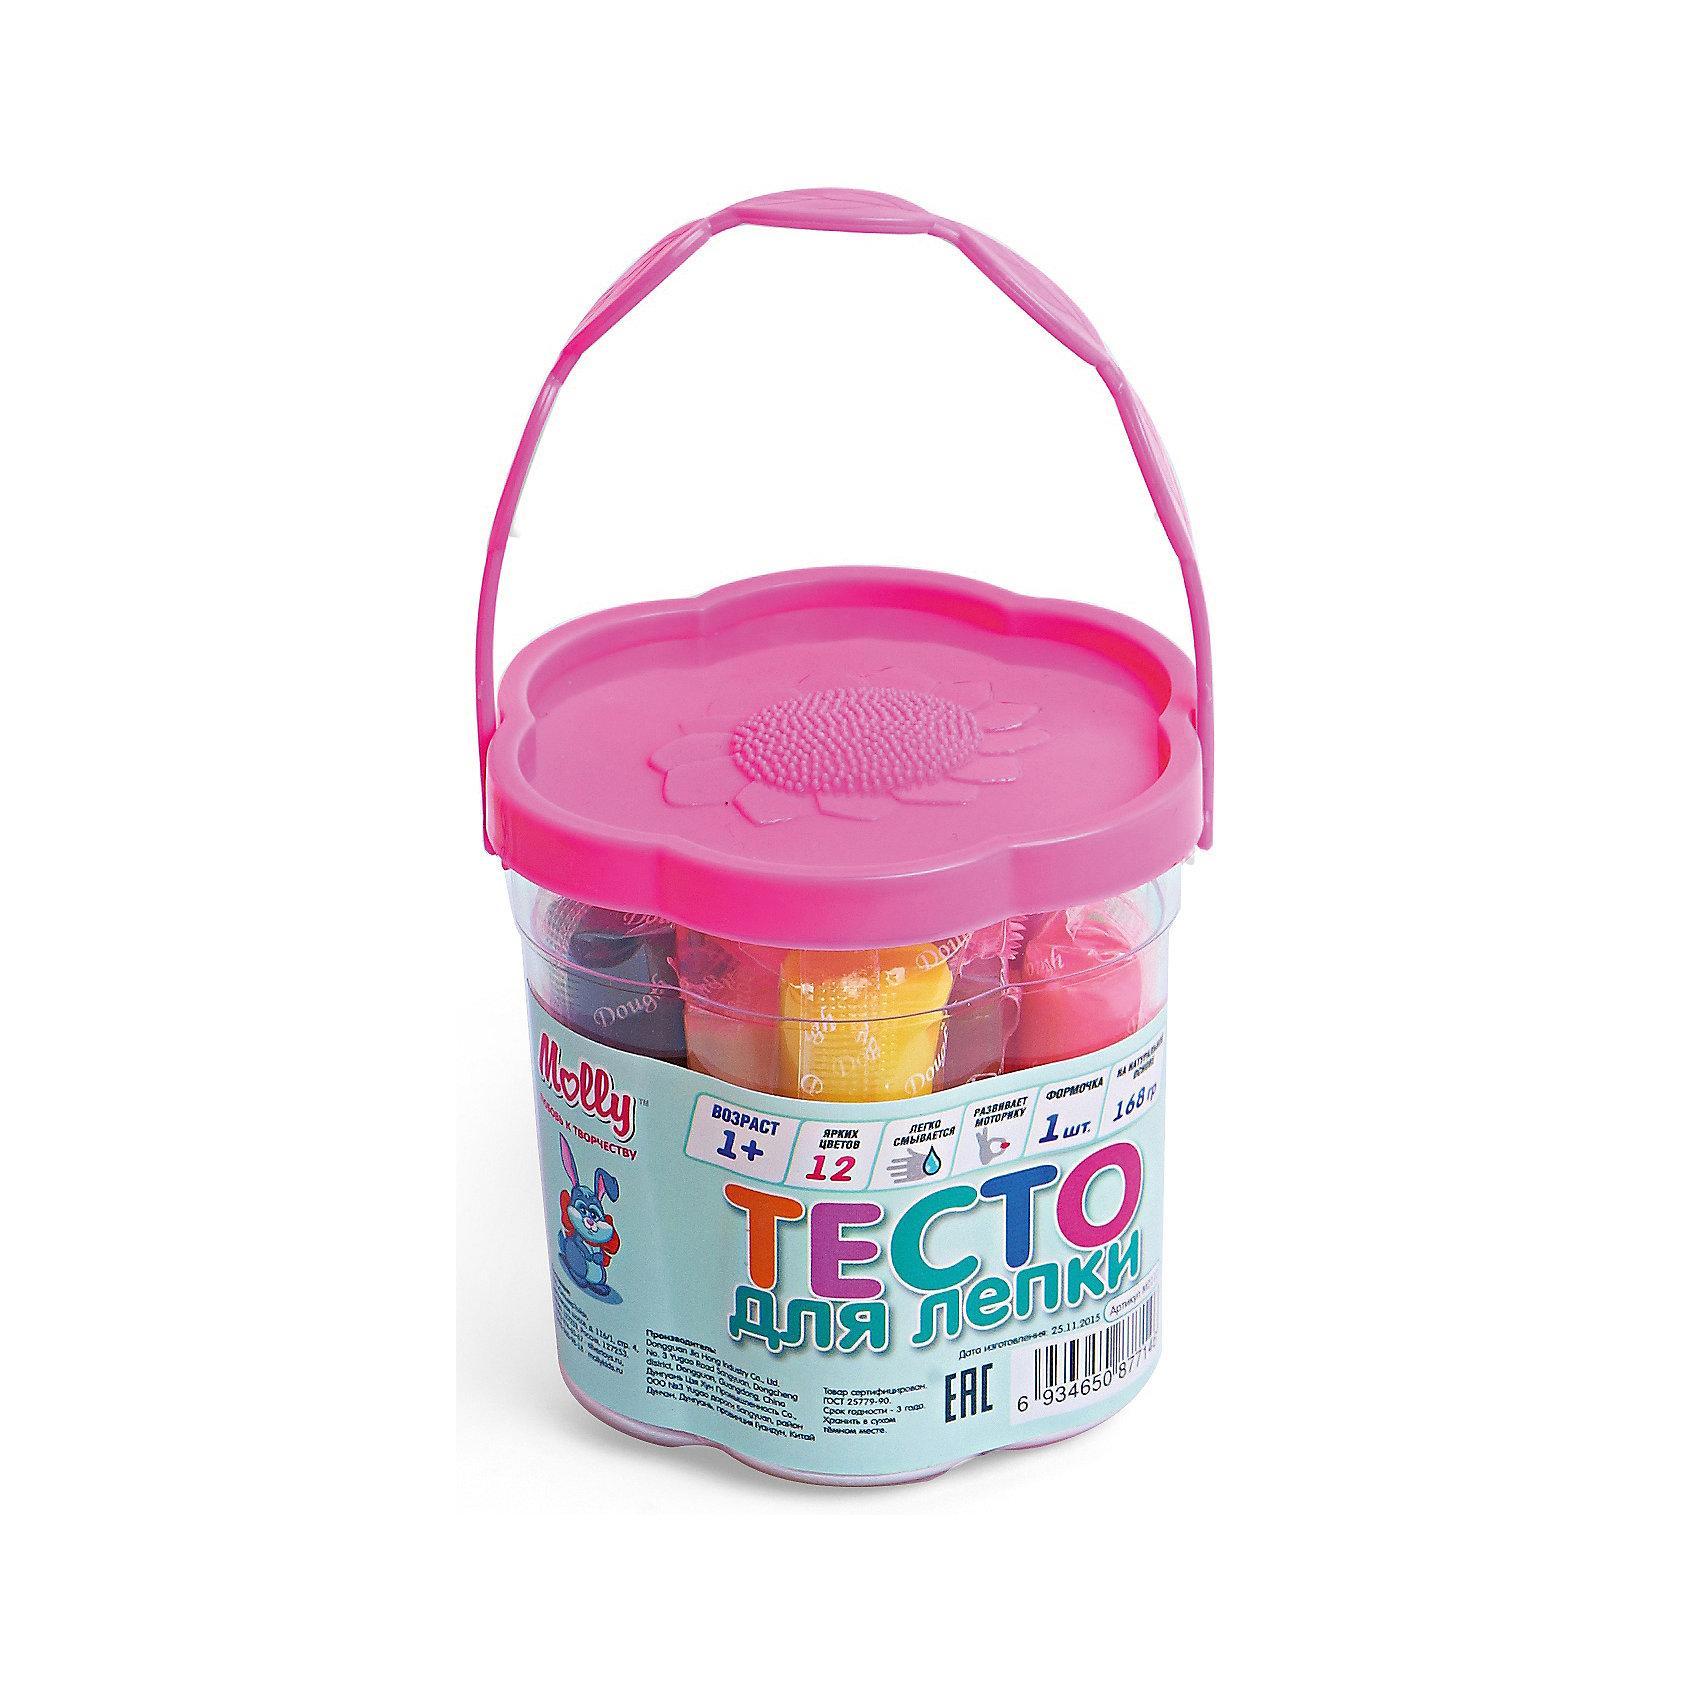 Тесто для лепки 12 цветов  + 1  формочкаЛепка<br>Тесто для лепки 12 цветов  + 1  формочка.<br><br>Характеристики:<br><br>• Для детей в возрасте: от 1 года<br>• В наборе: 12 брусков разных цветов в индивидуальных упаковках (168 гр.), формочка<br>• Длина бруска теста: 5 см.<br>• Состав: пшеничная мука крахмал, вода, соль, пищевая добавка, пищевой краситель<br>• Упаковка: пластиковое ведерко с крышкой<br>• Размер упаковки: 8х8х8 см.<br><br>Тесто может использоваться многократно при условии правильного хранения. Готовые подделки застывают на воздухе, не крошатся, обладают достаточной прочностью, после полного высыхания их можно раскрасить красками. Тесто для лепки абсолютно безопасно, гипоаллергенно. В наборе имеется пластиковая формочка для моделирования.<br><br>Тесто для лепки 12 цветов  + 1  формочка можно купить в нашем интернет-магазине.<br><br>Ширина мм: 70<br>Глубина мм: 70<br>Высота мм: 70<br>Вес г: 125<br>Возраст от месяцев: 36<br>Возраст до месяцев: 2147483647<br>Пол: Унисекс<br>Возраст: Детский<br>SKU: 5519355